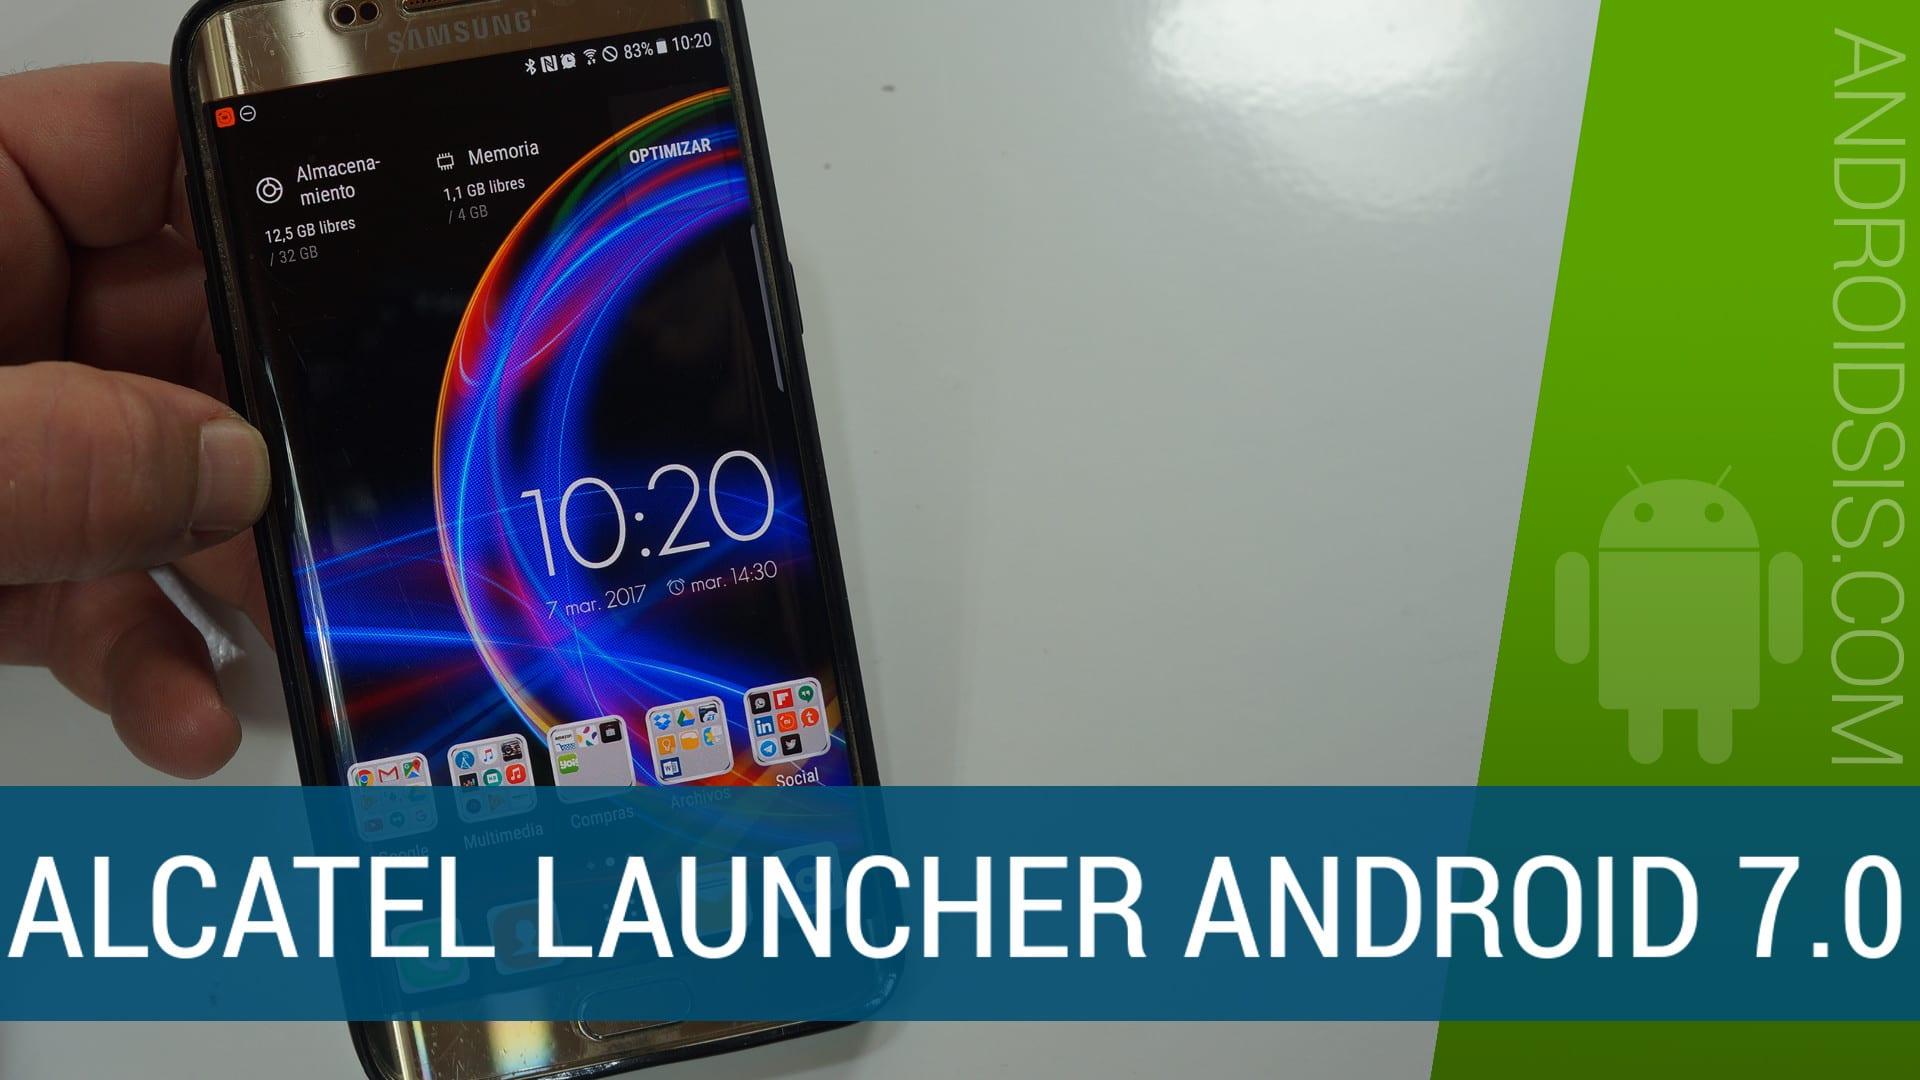 [APK] Descarga ya la nueva versión del Launcher de Alcatel para cualquier Android